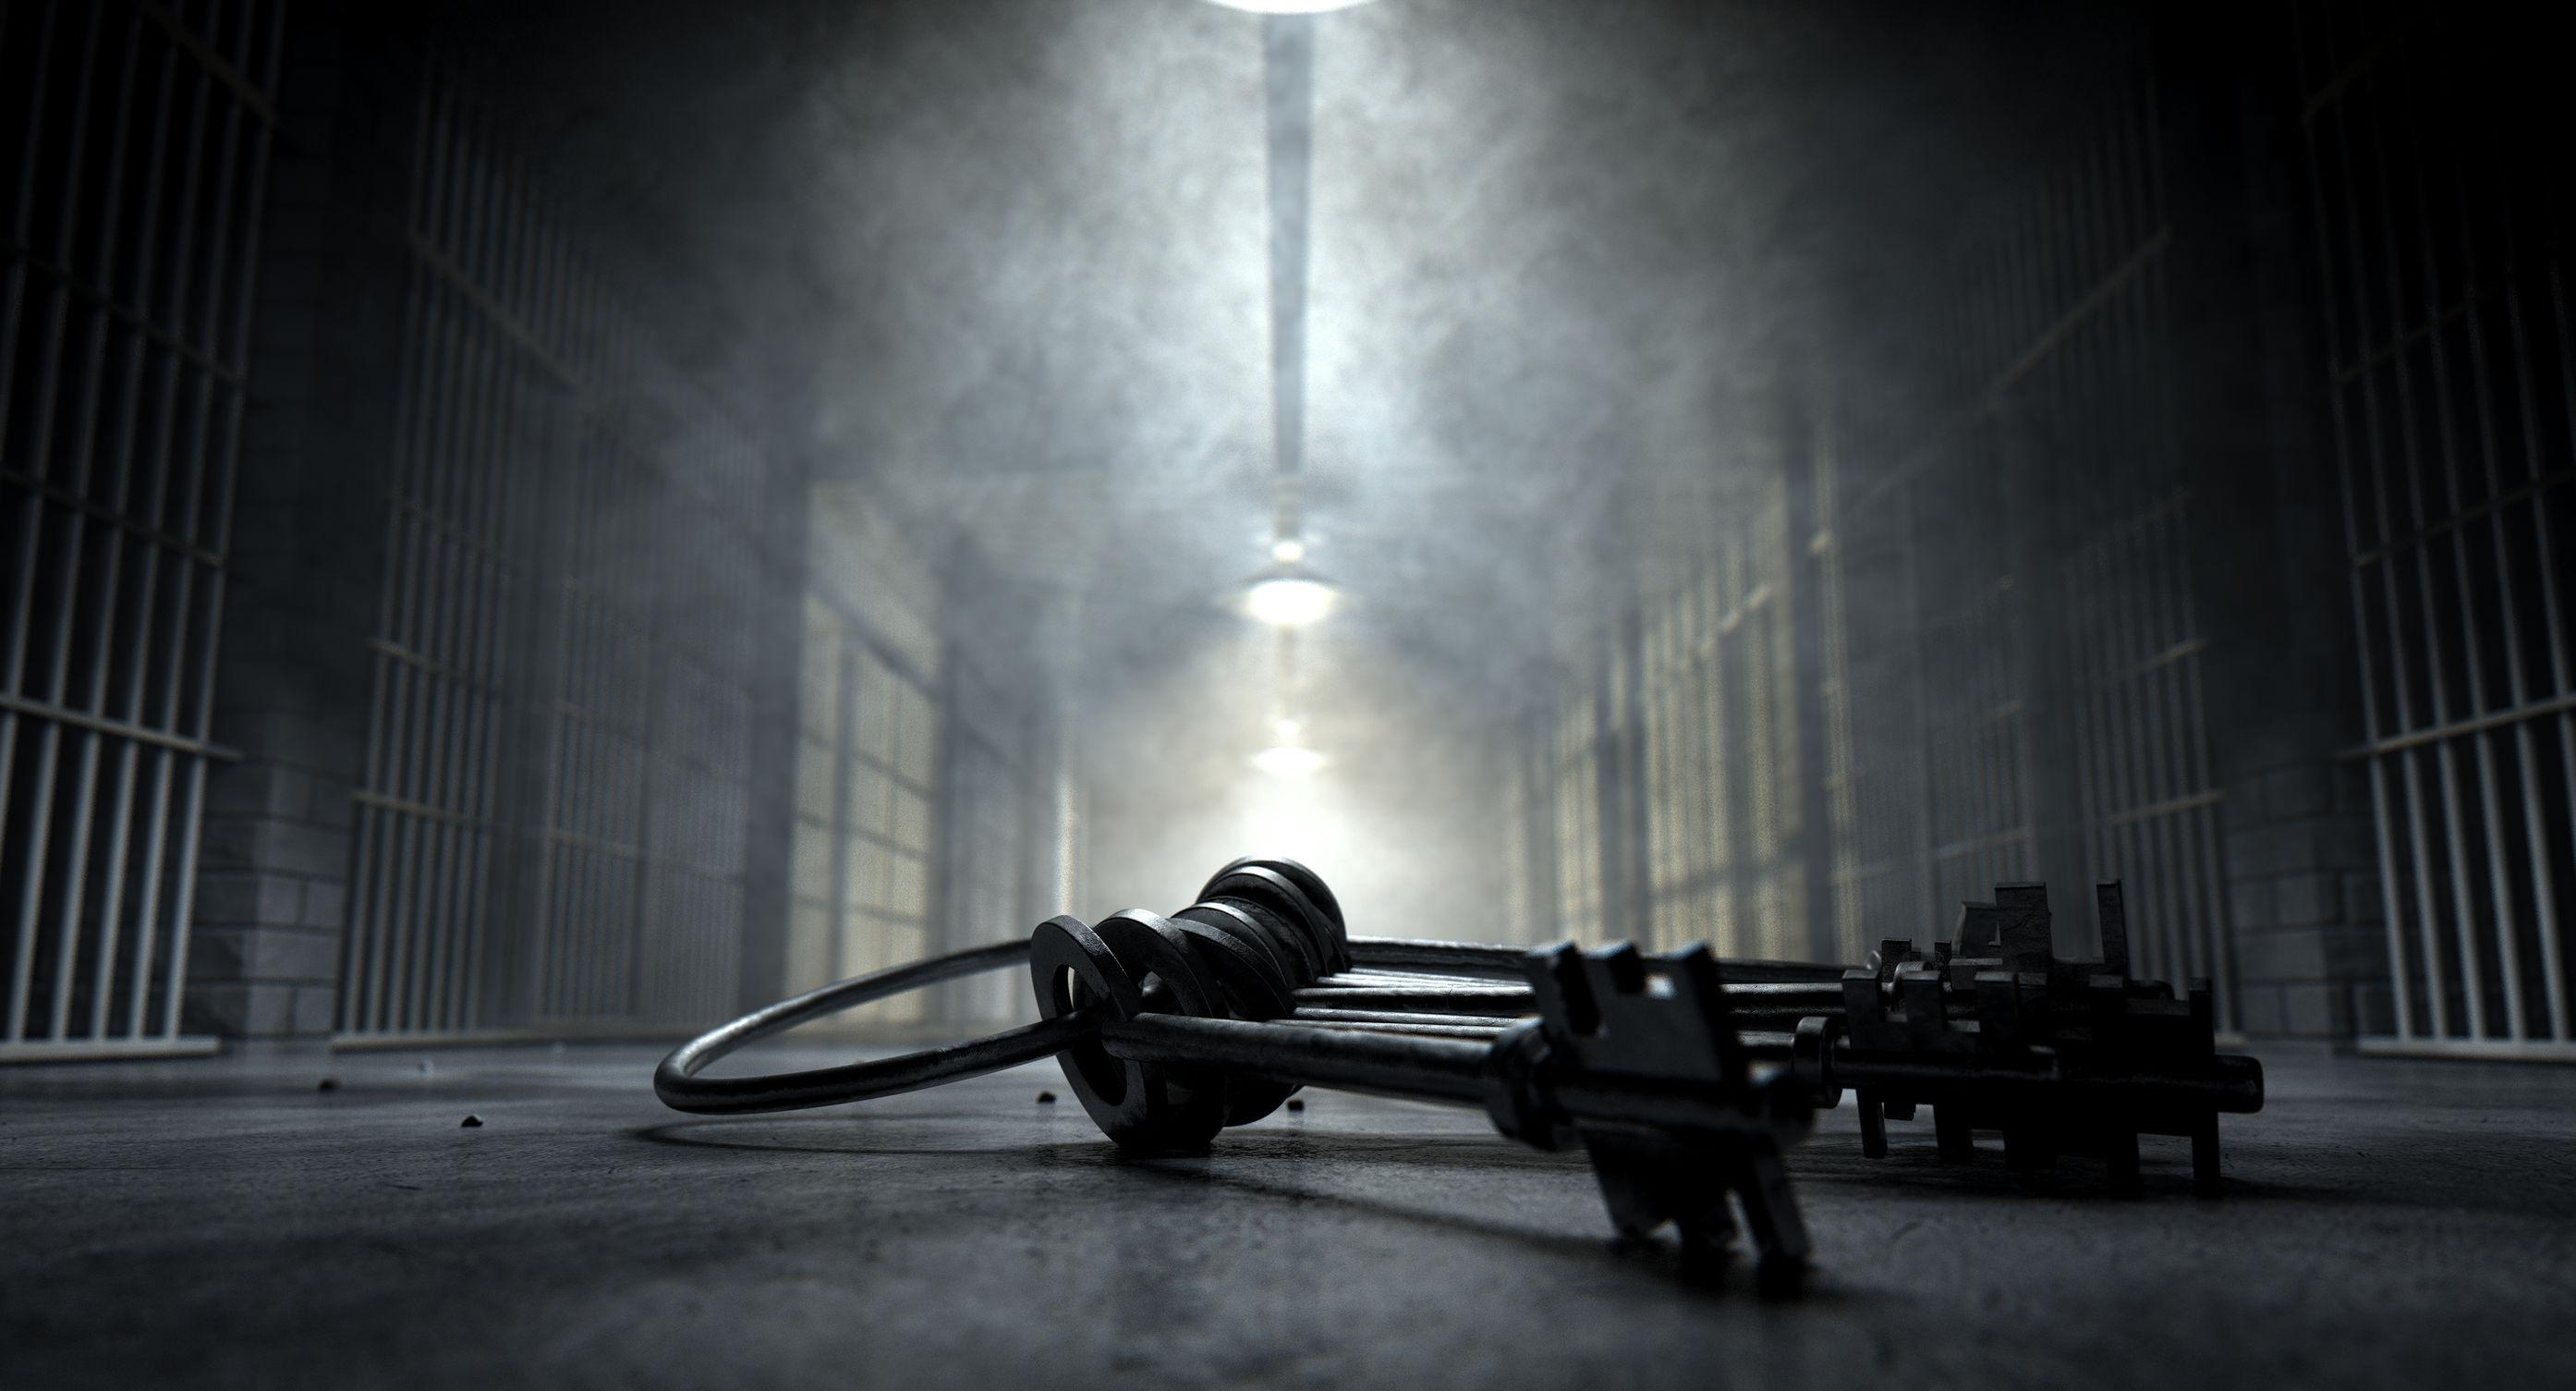 ANP: Unul dintre cei trei deţinuţi eliberaţi din greşeală din Penitenciarul de maximă siguranţă Giurgiu încă nu a fost găsit